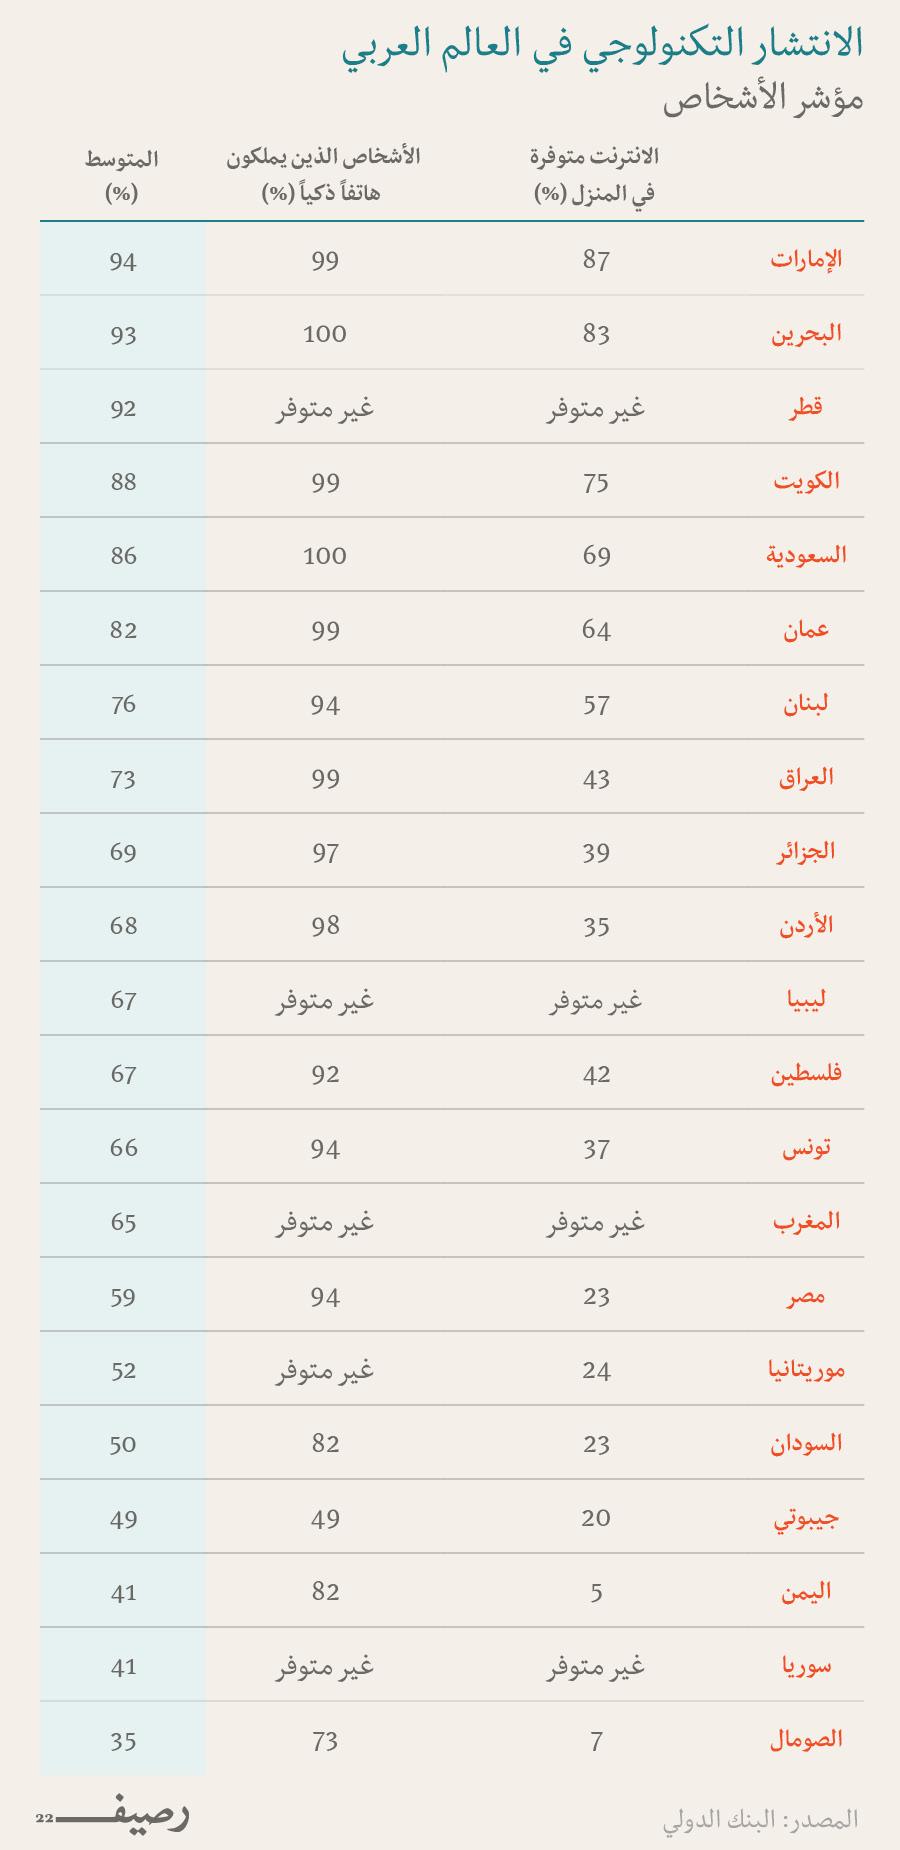 تكنولوجيا العالم العربي - مؤشر الأشخاص